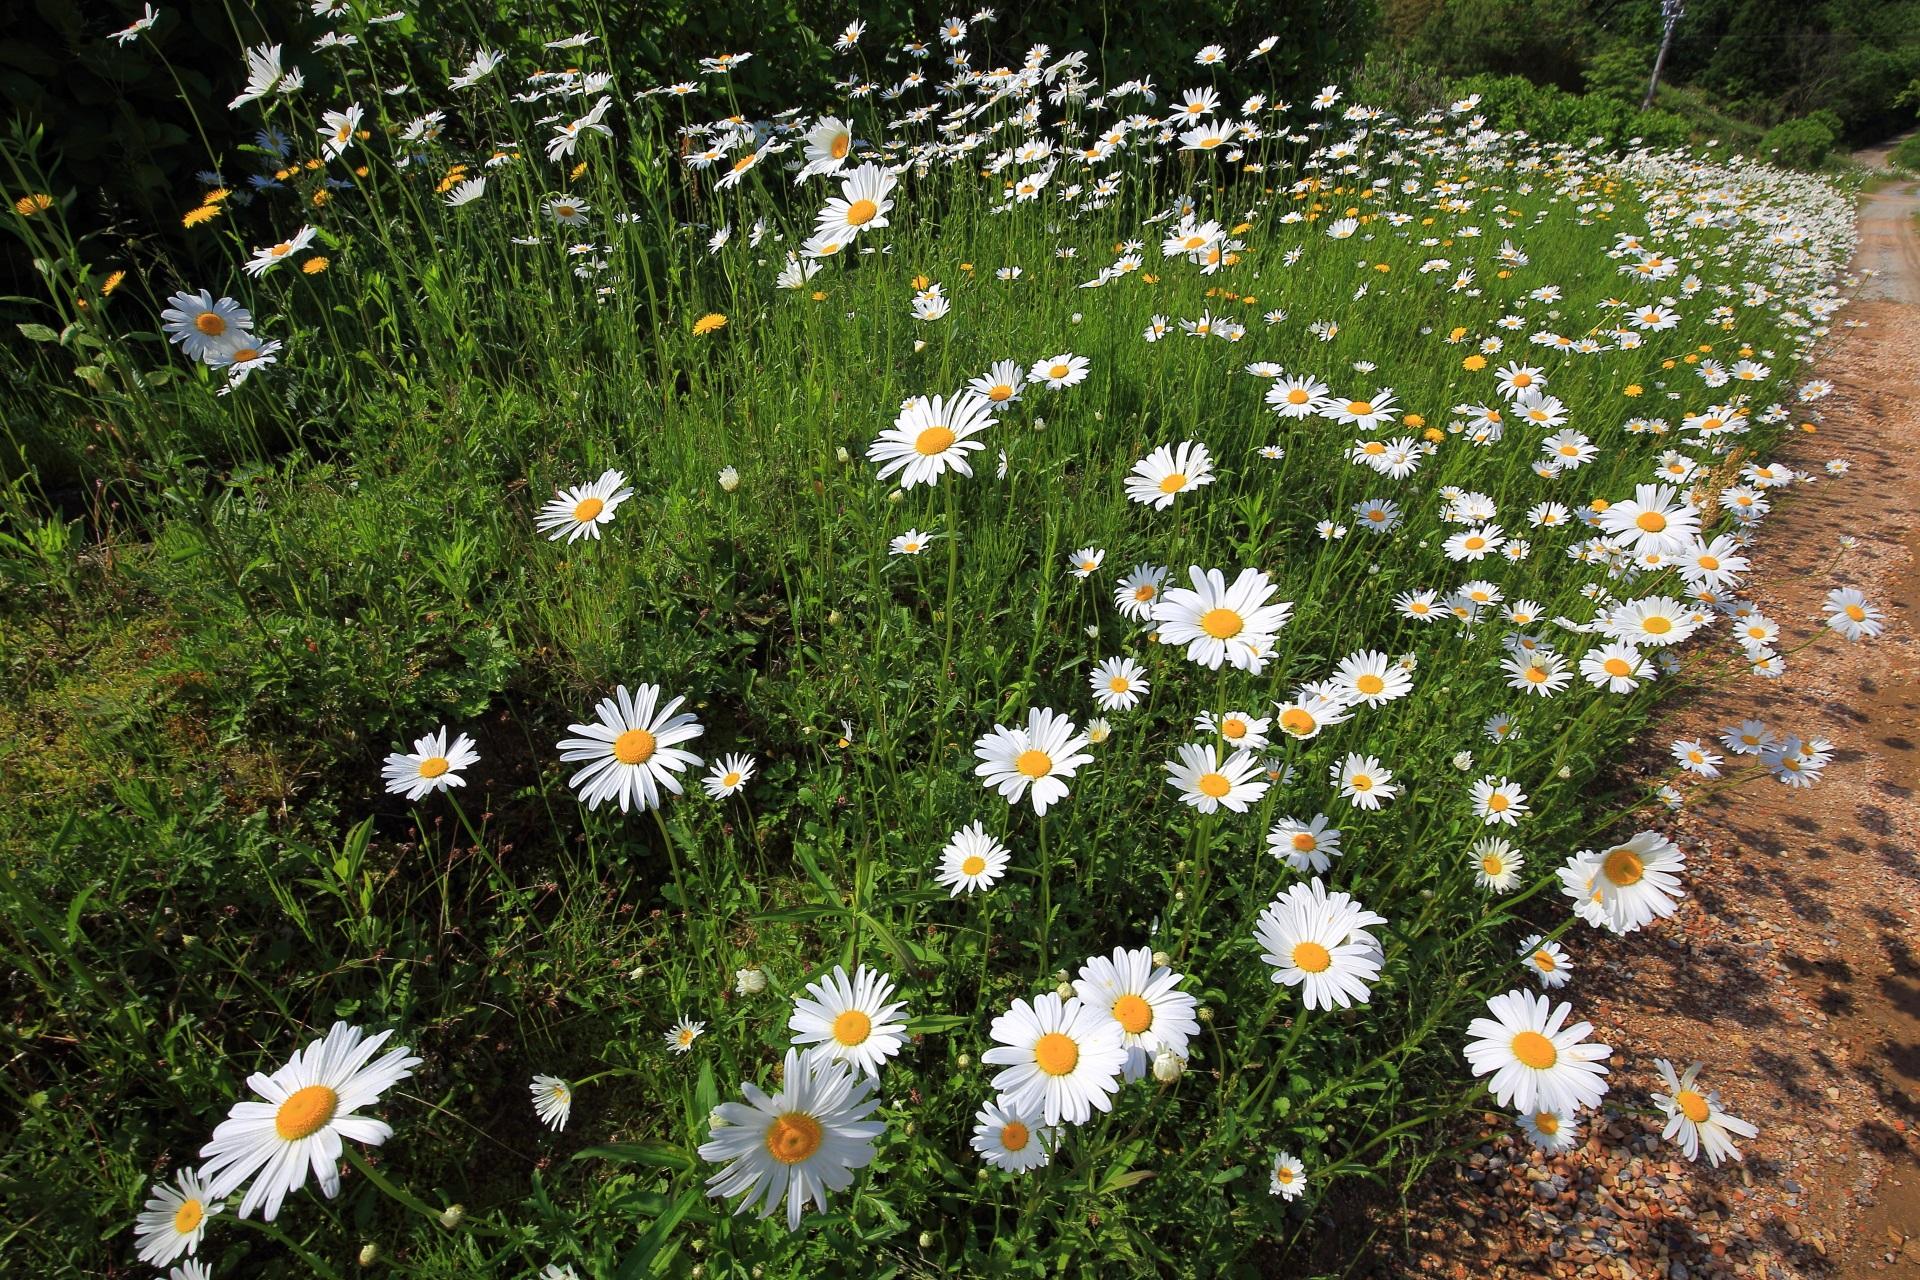 花びらをいっぱいに広げて元気に咲き誇るマーガレット